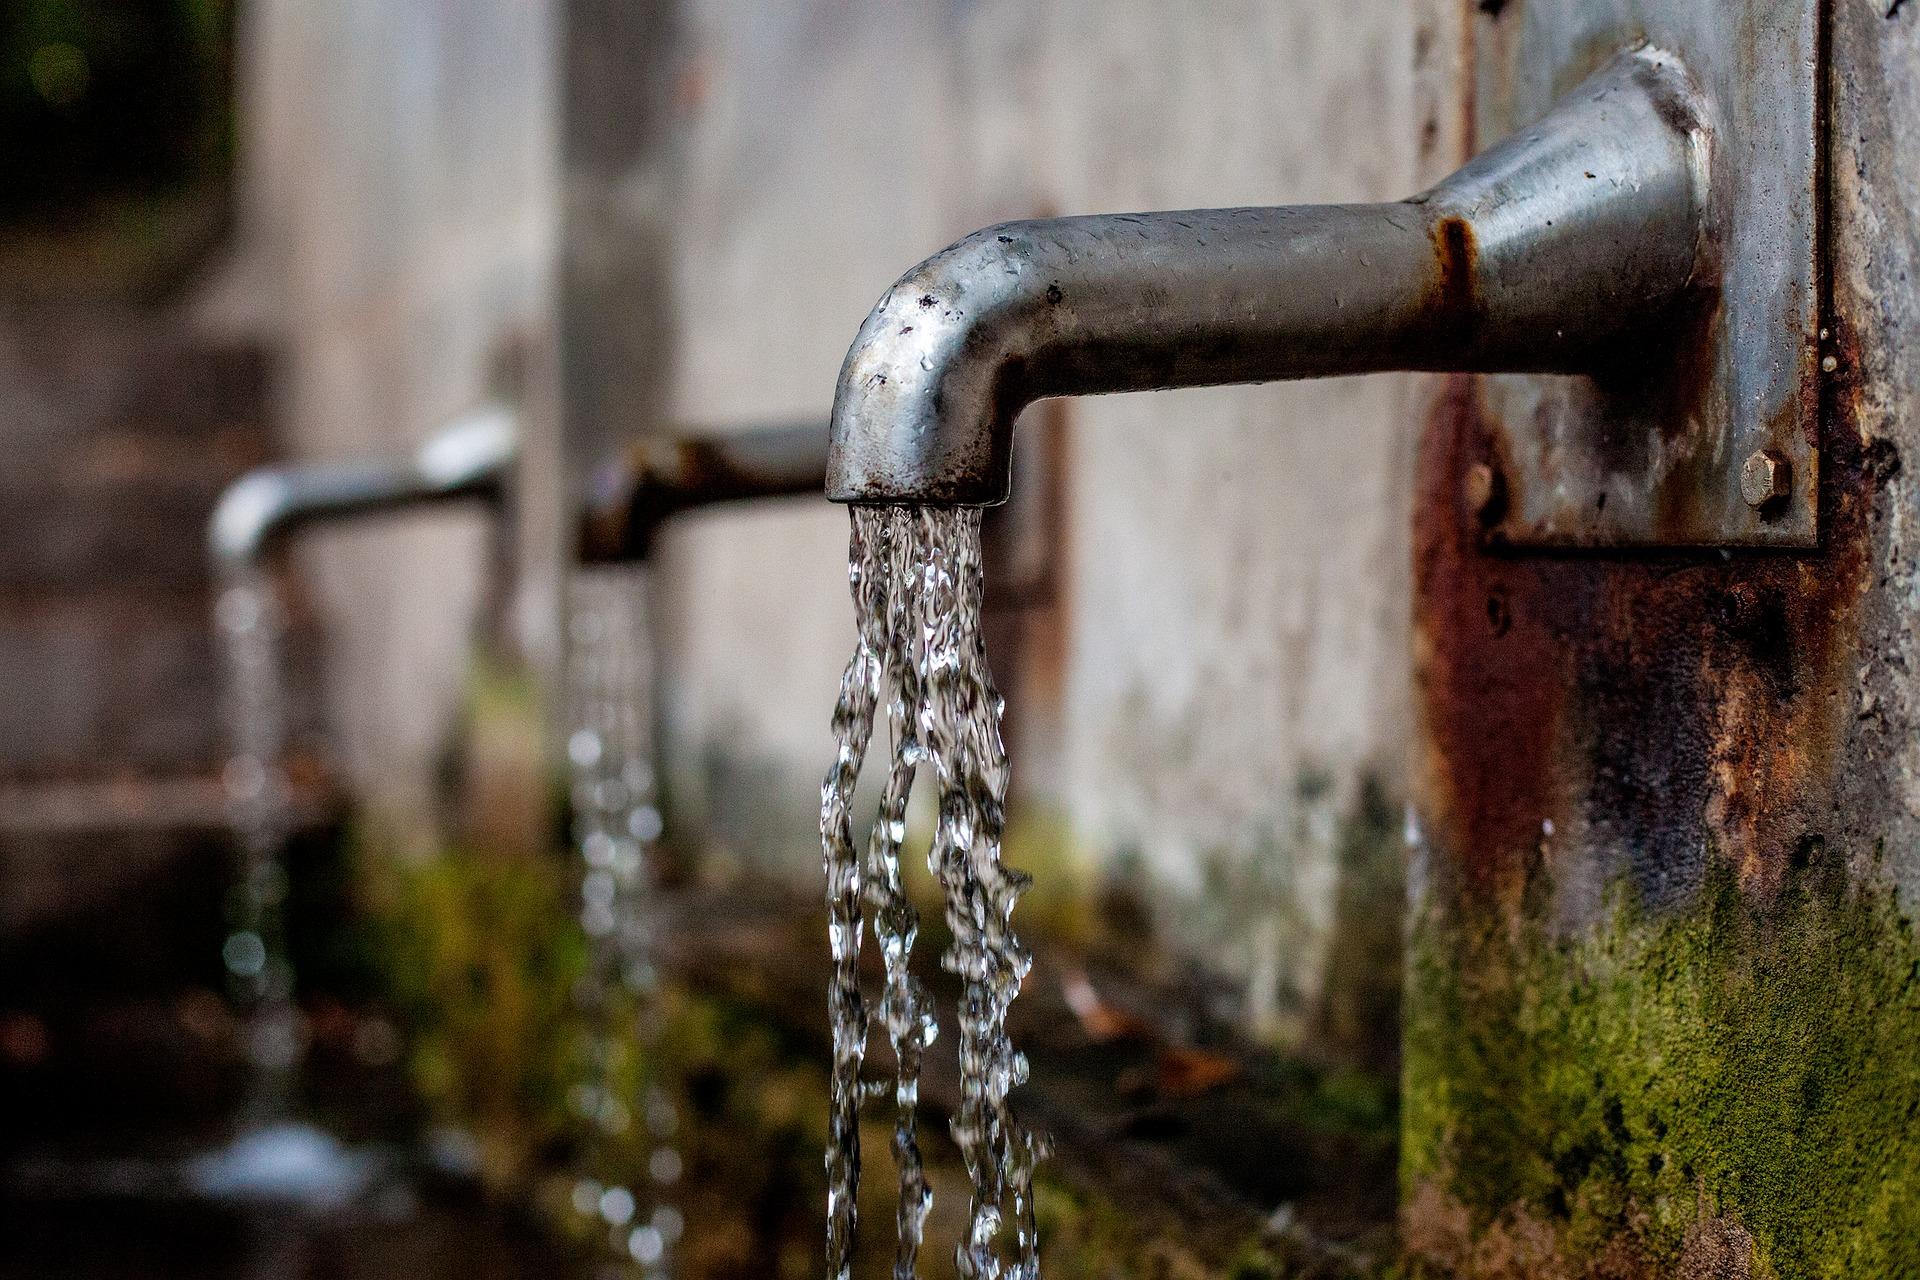 kann man einen wasserfilter selber bauen und wie funktioniert er?